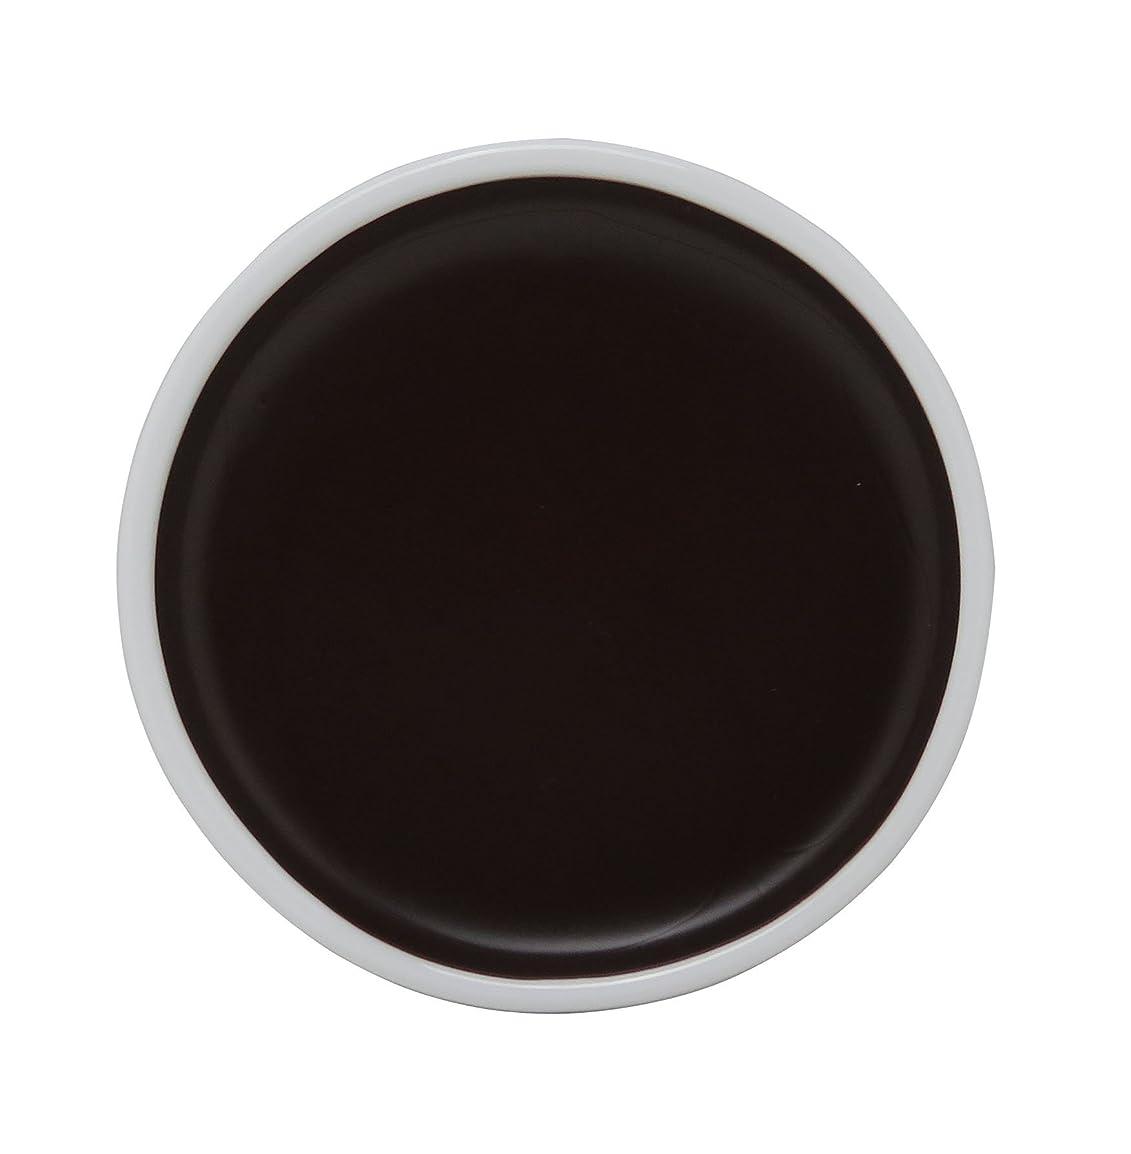 ピルファー入口天使吉祥 日本画用絵具 鉄鉢 焦茶(コゲチャ) 22